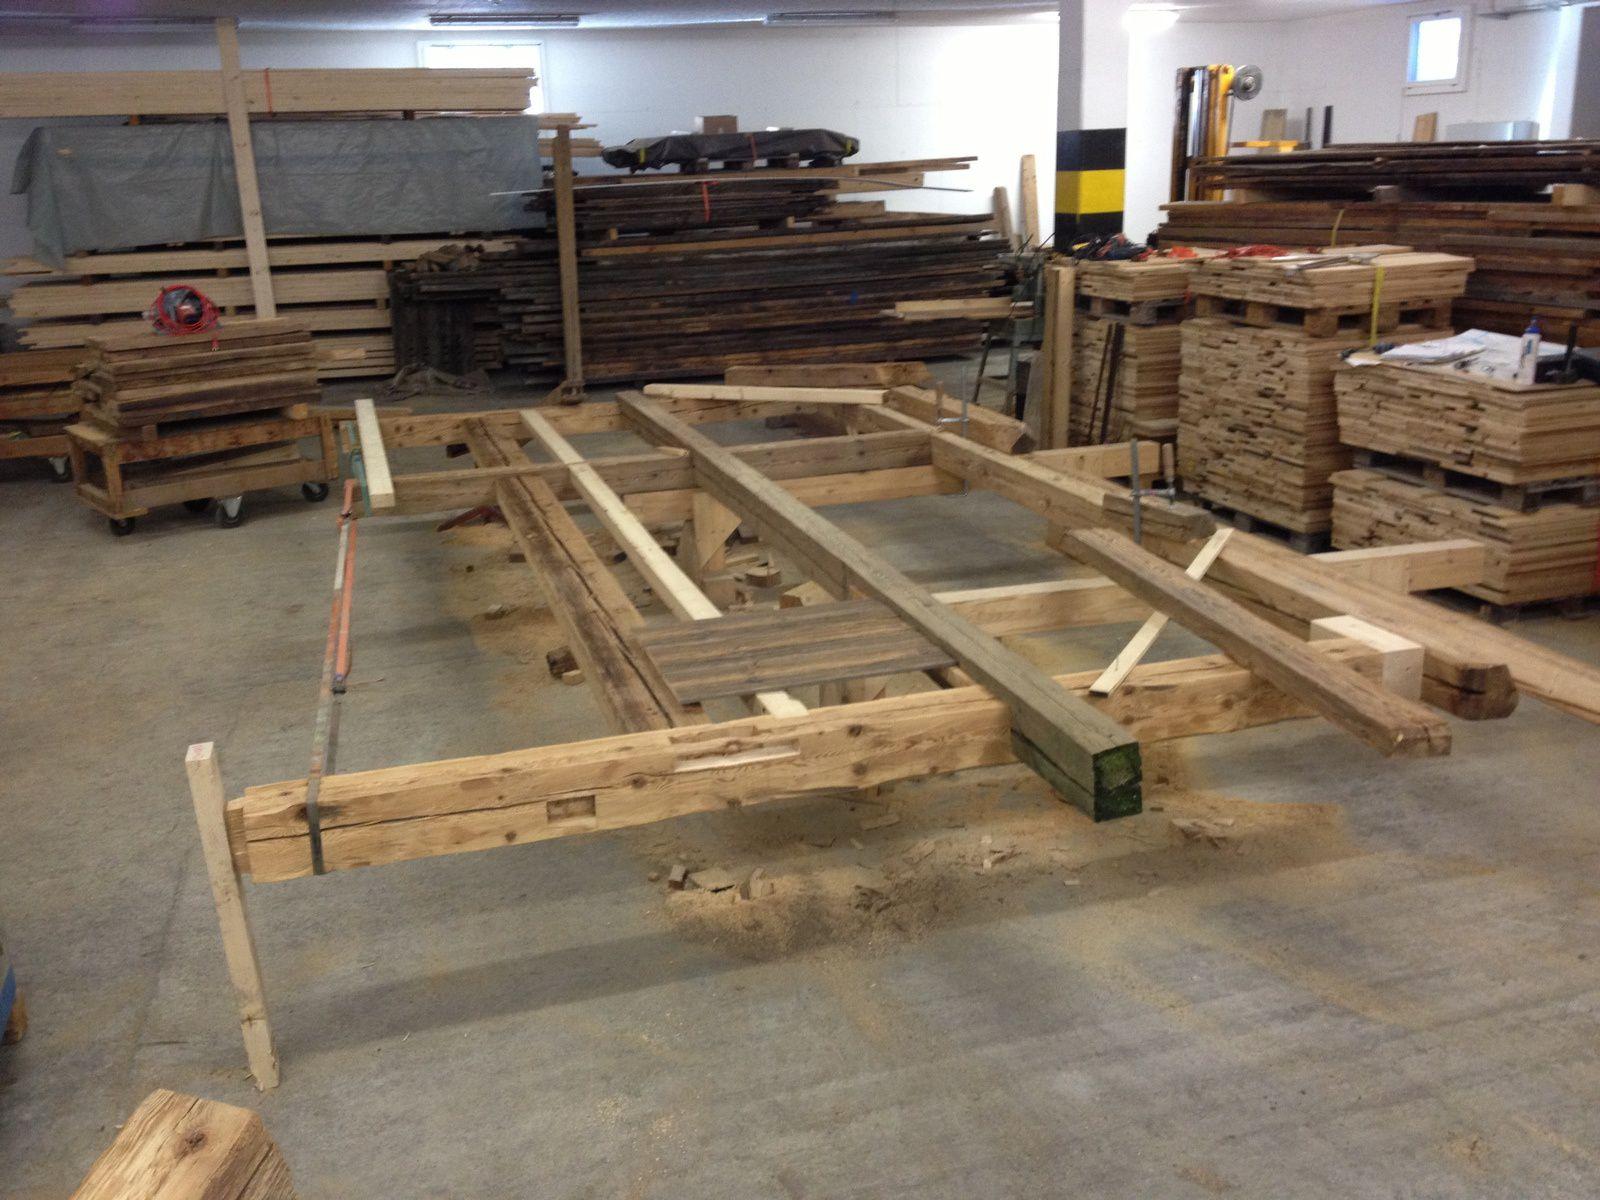 charpente bois neuf et vieux le bois sous toutes ses formes. Black Bedroom Furniture Sets. Home Design Ideas